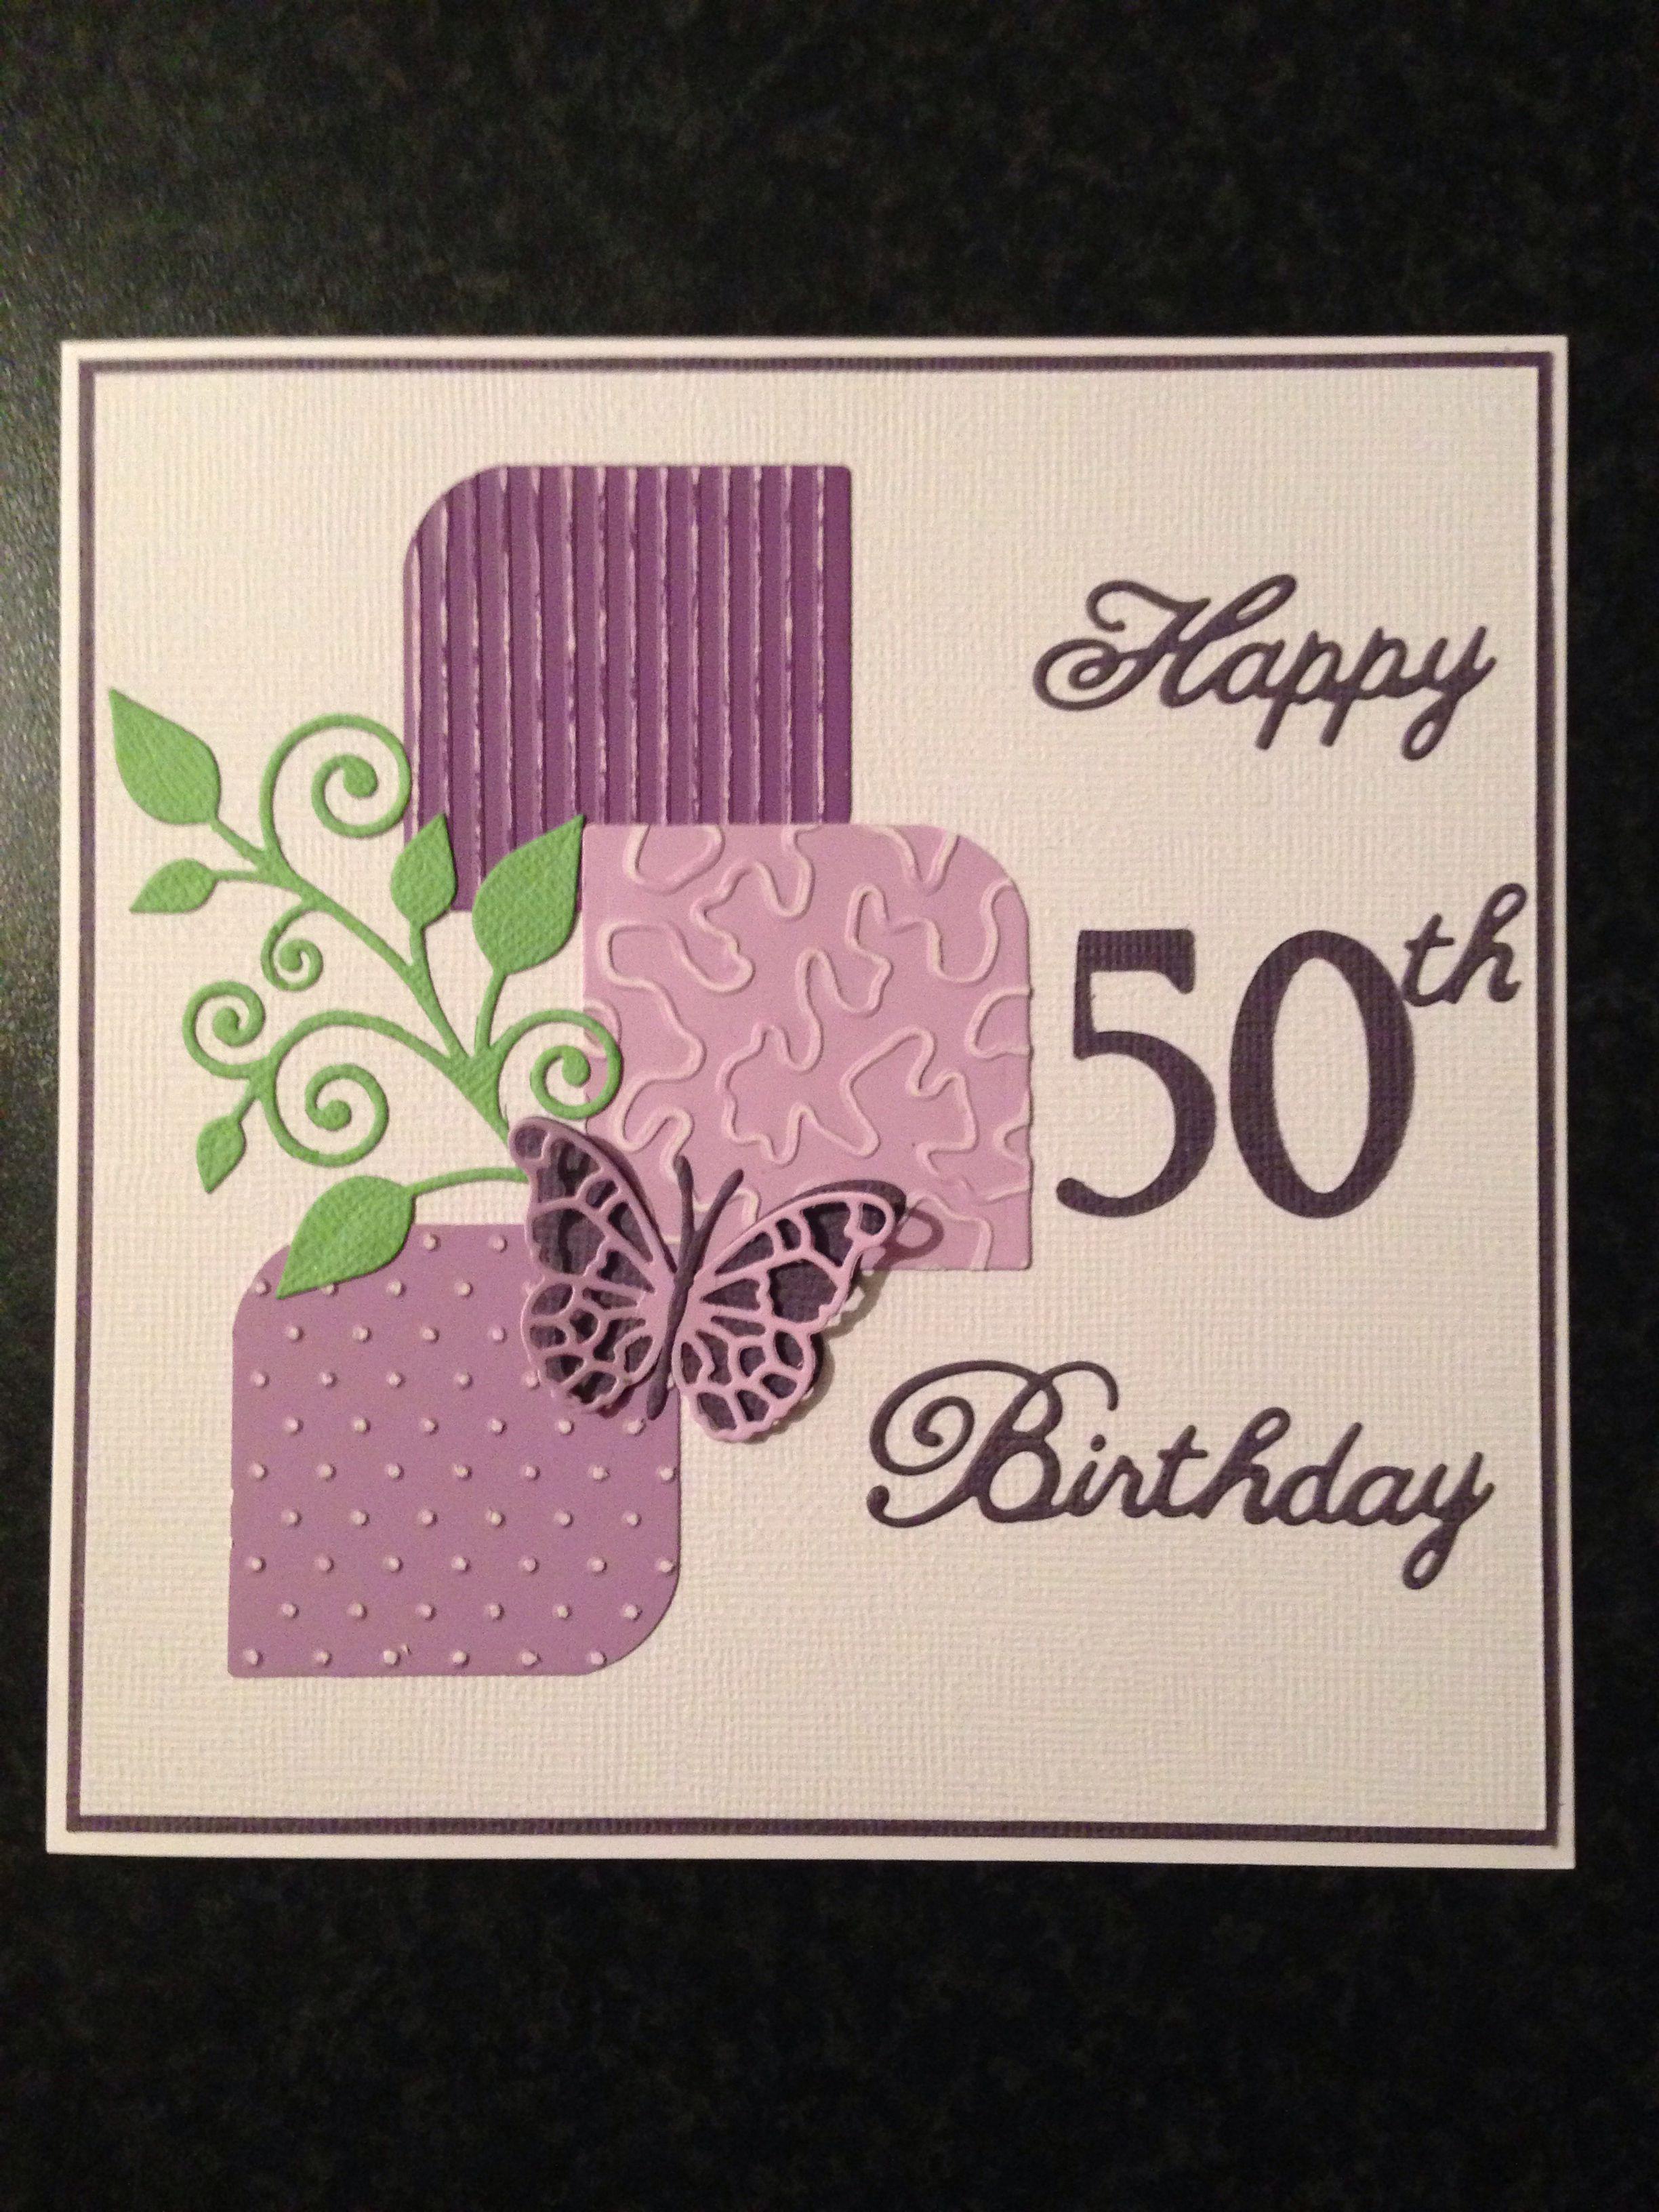 50th Female Birthday Card 50th Birthday Cards For Women Birthday Cards For Women Birthday Cards